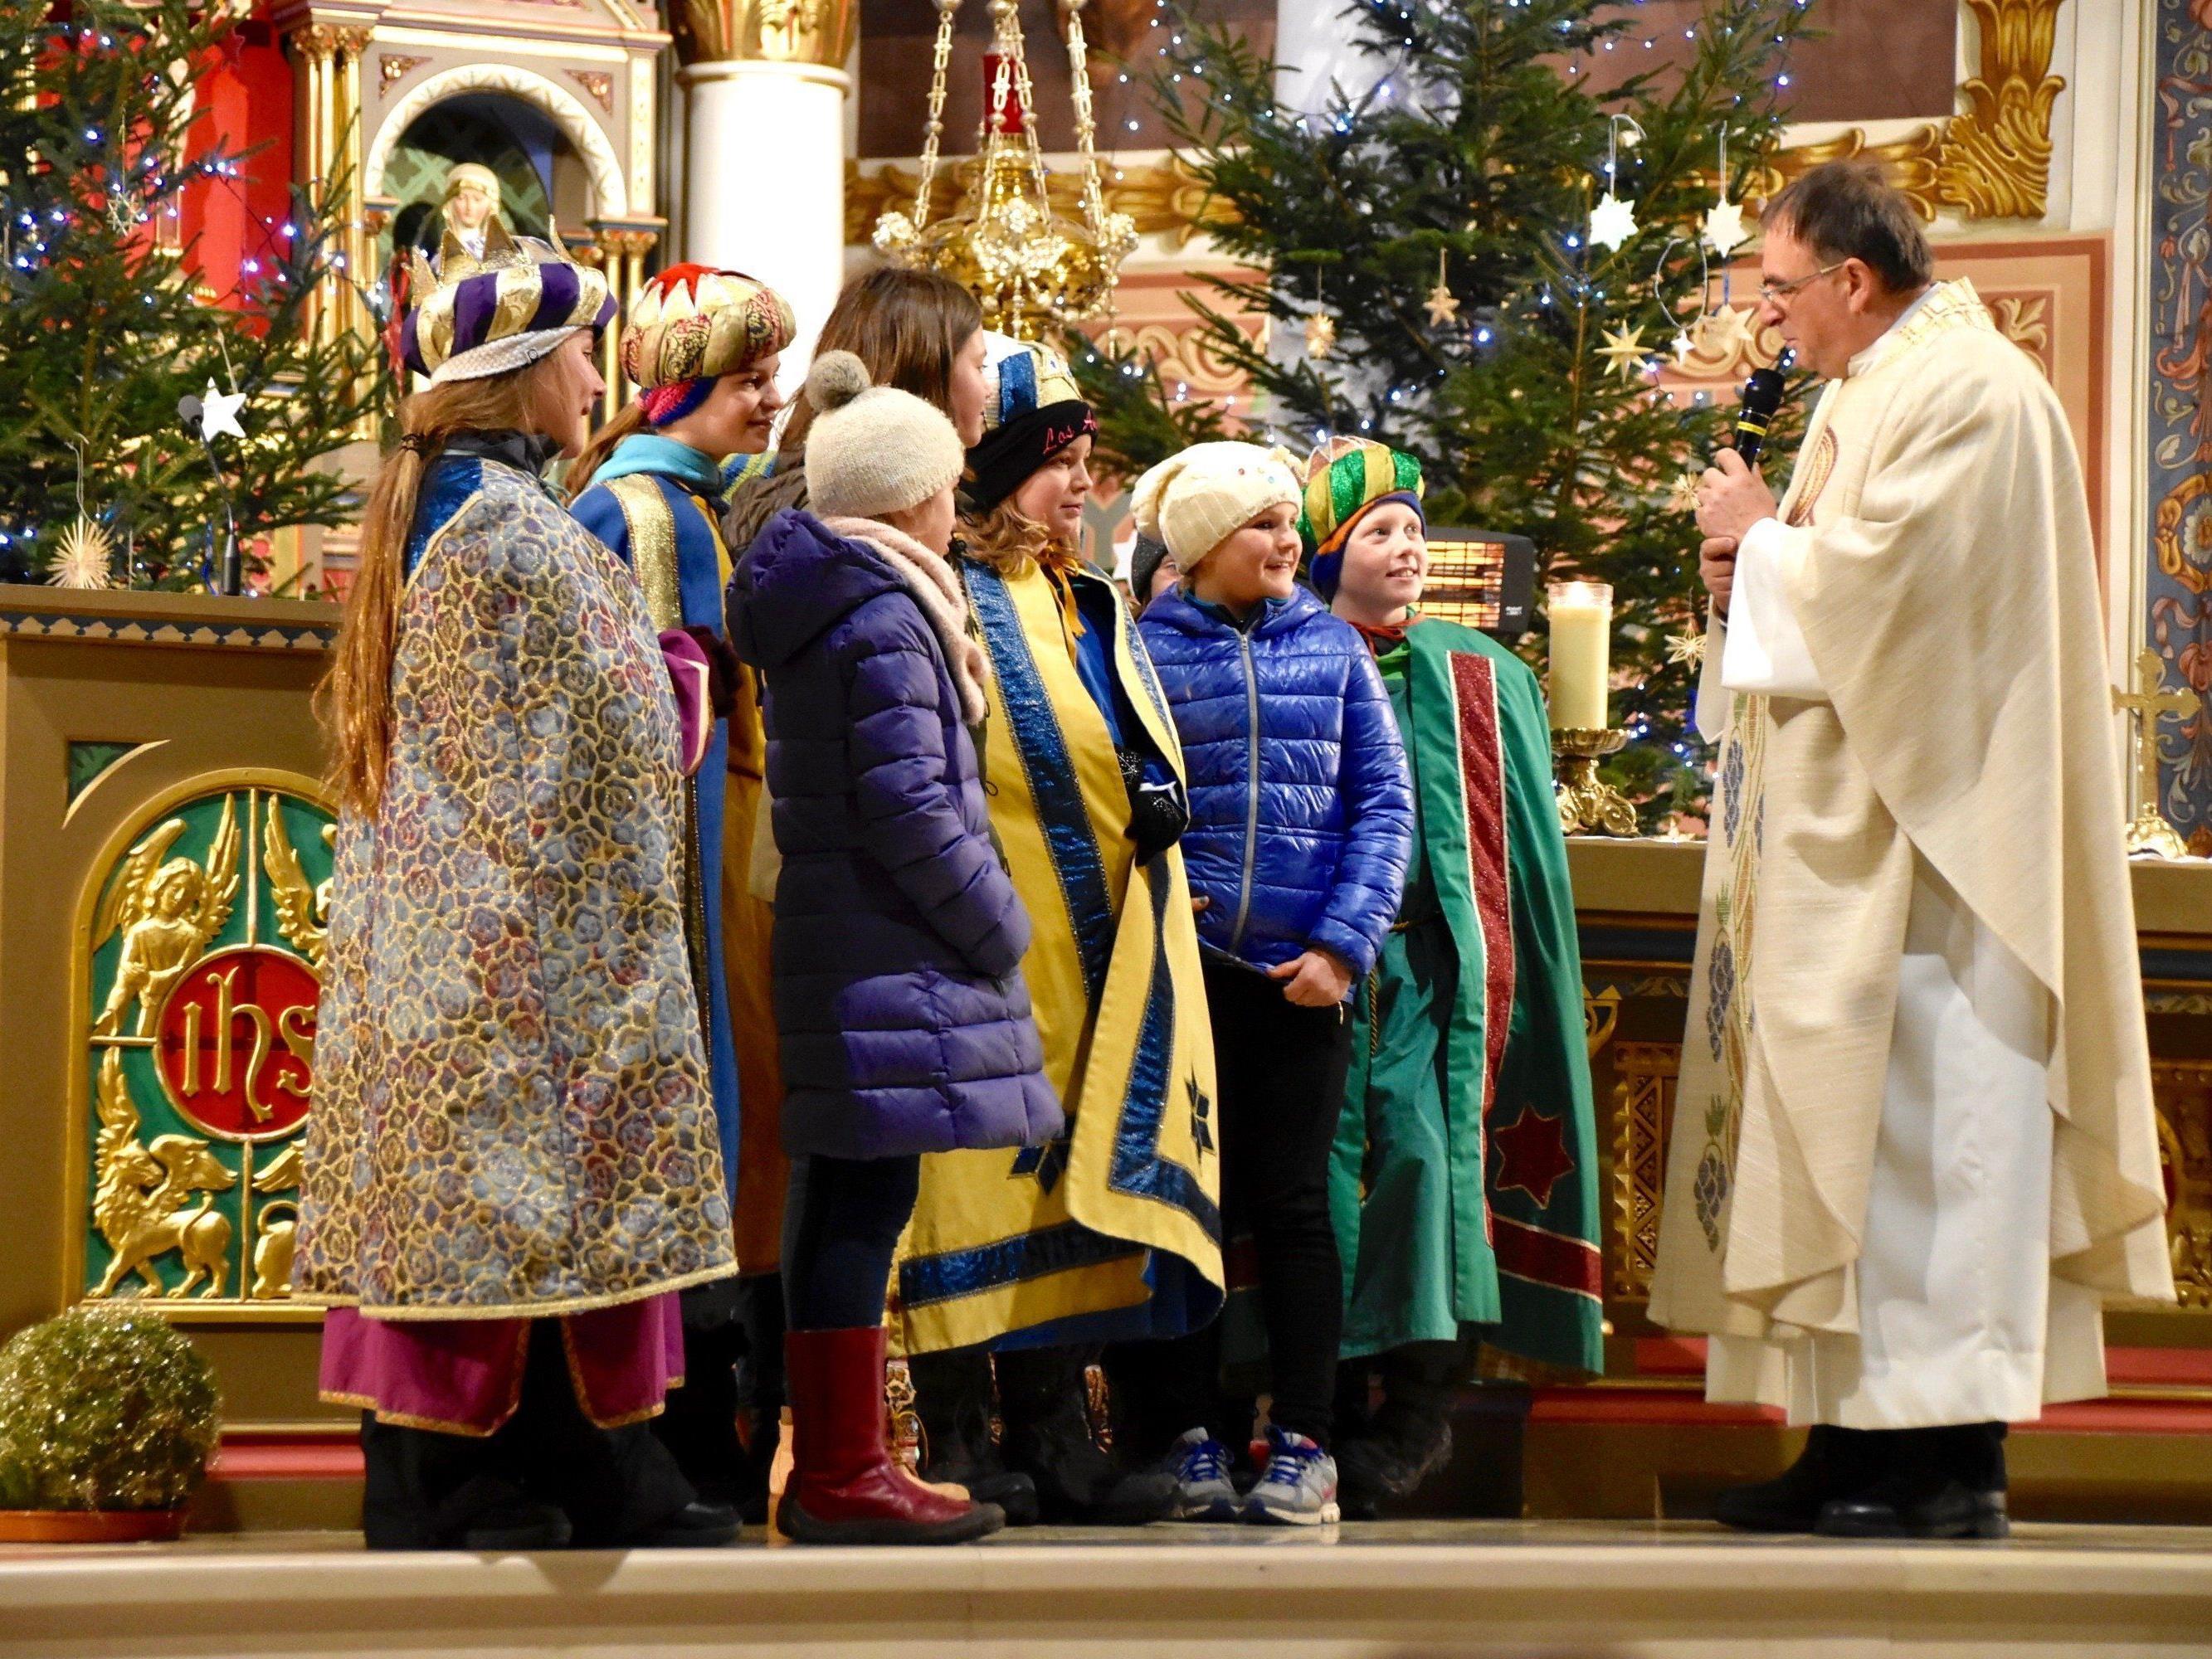 Bei der Liturgiefeier ermutigte Pfarrer Tinkhauser die Firmkandidaten, Christus in ihr Herz einzulassen und für ihn Zeugnis abzulegen.